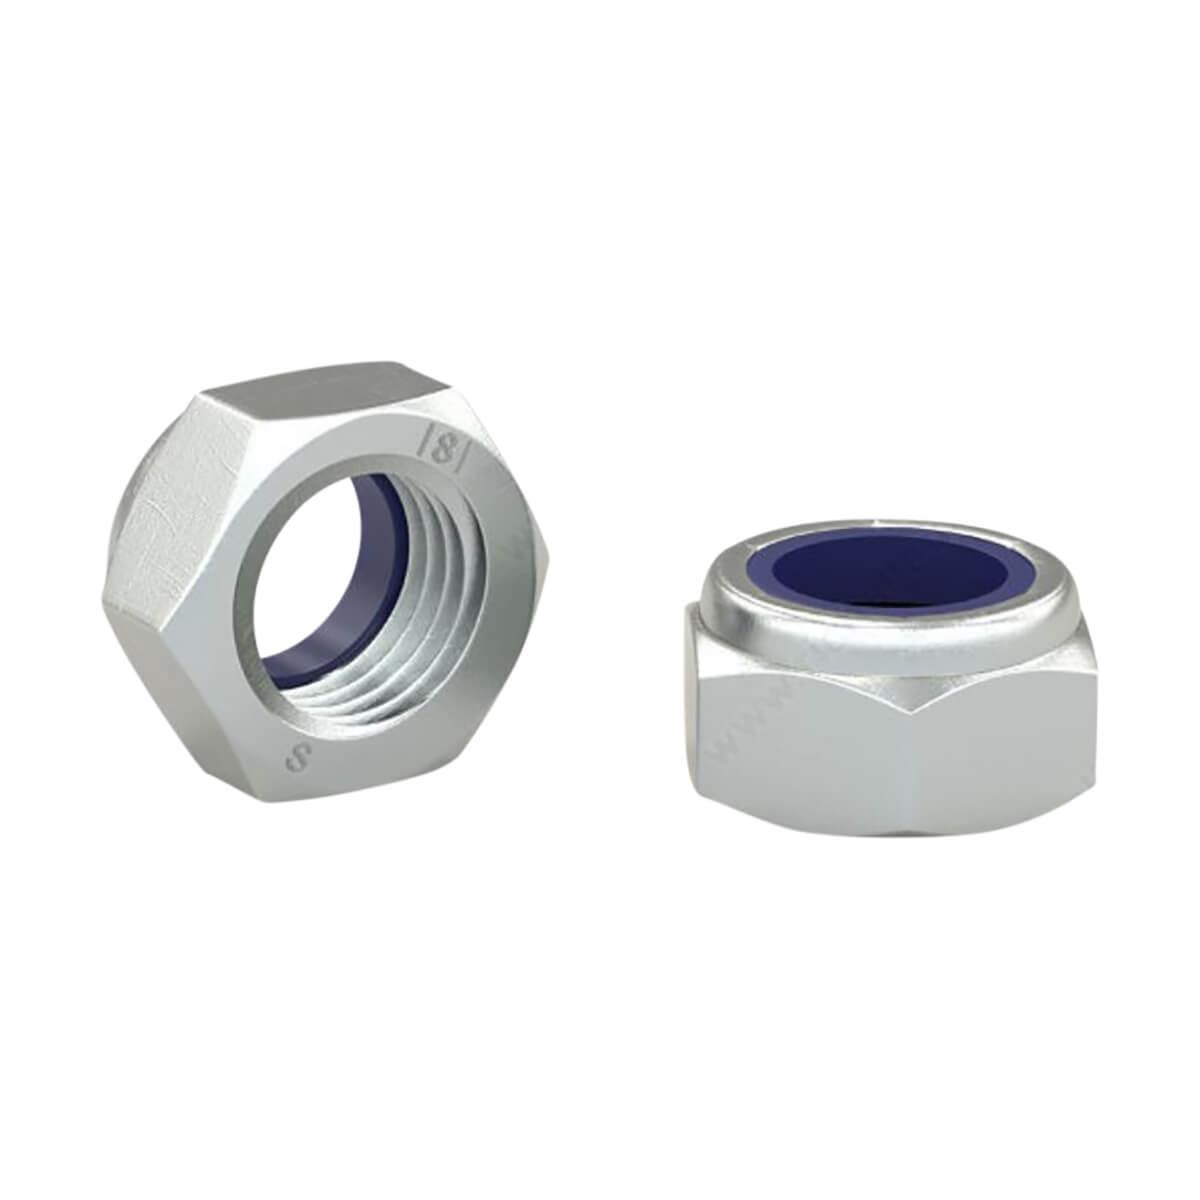 Hex Lock Nut - Metric - M5 - 5 Pack